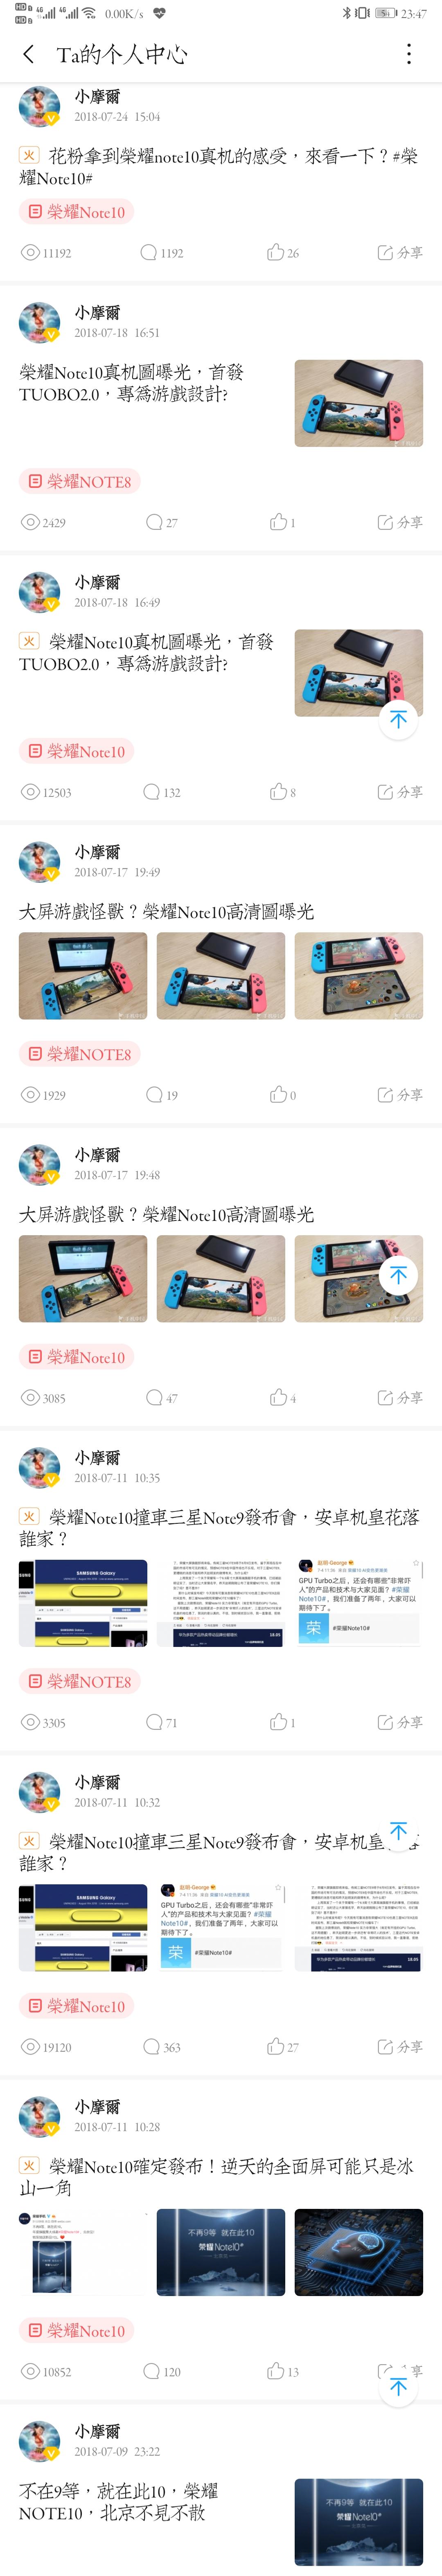 Screenshot_20200517_234701_com.huawei.fans.jpg